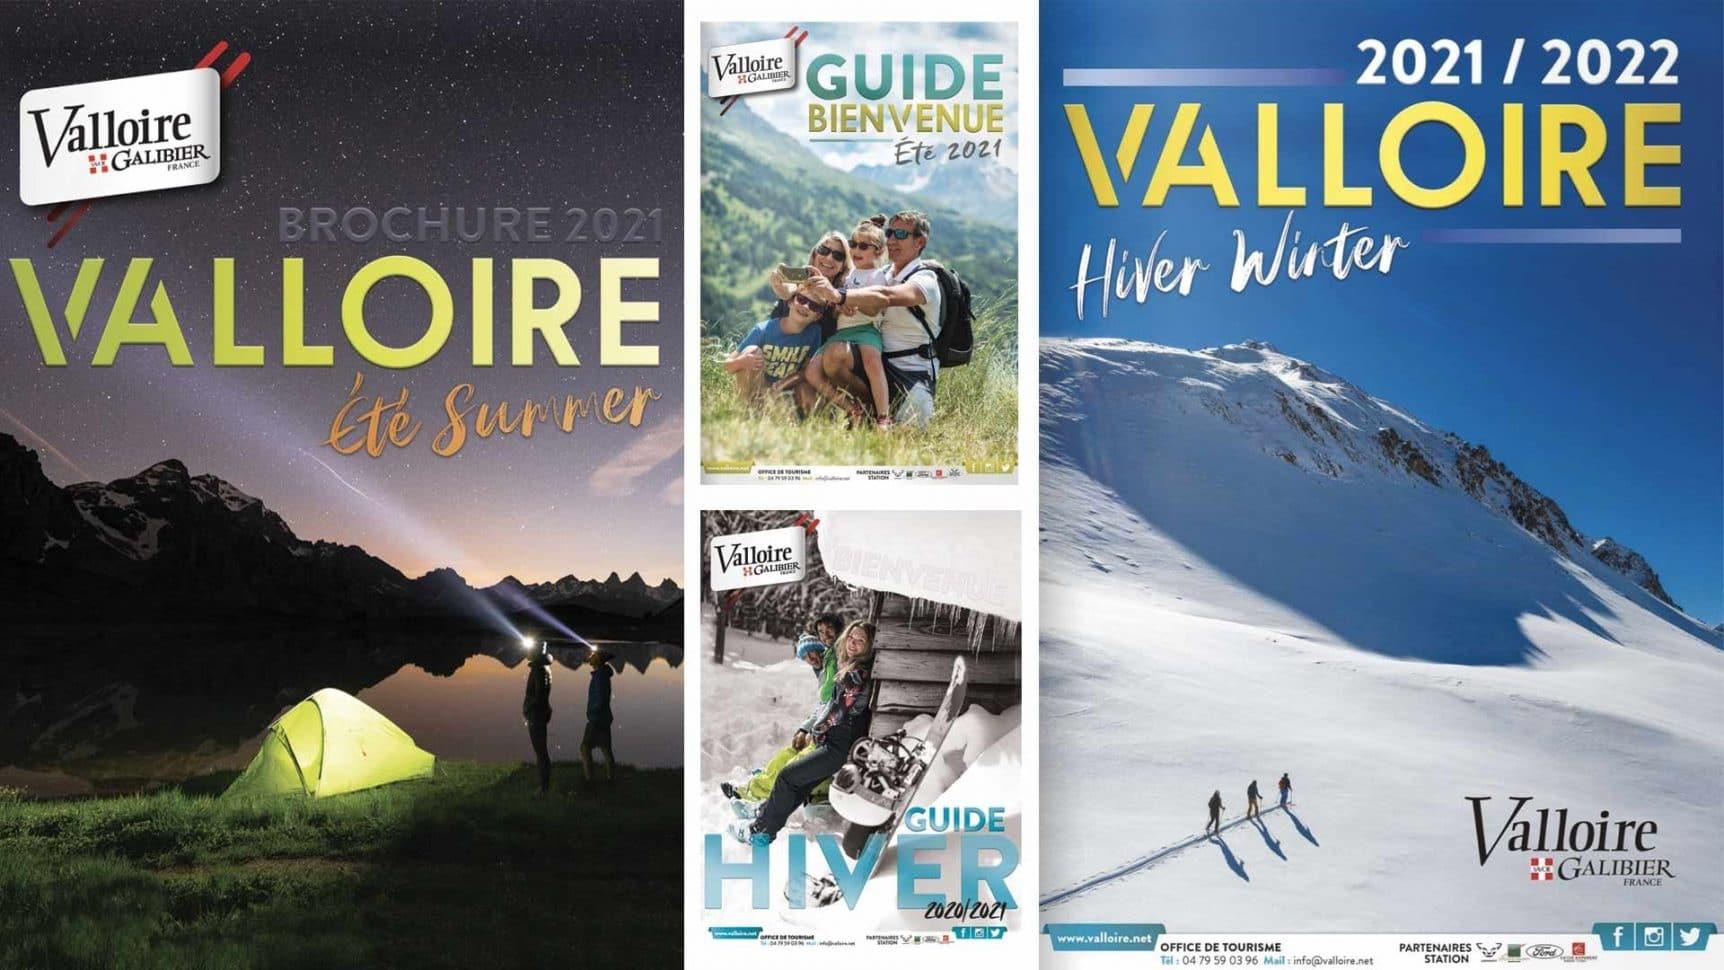 la documentation touristique de valloire